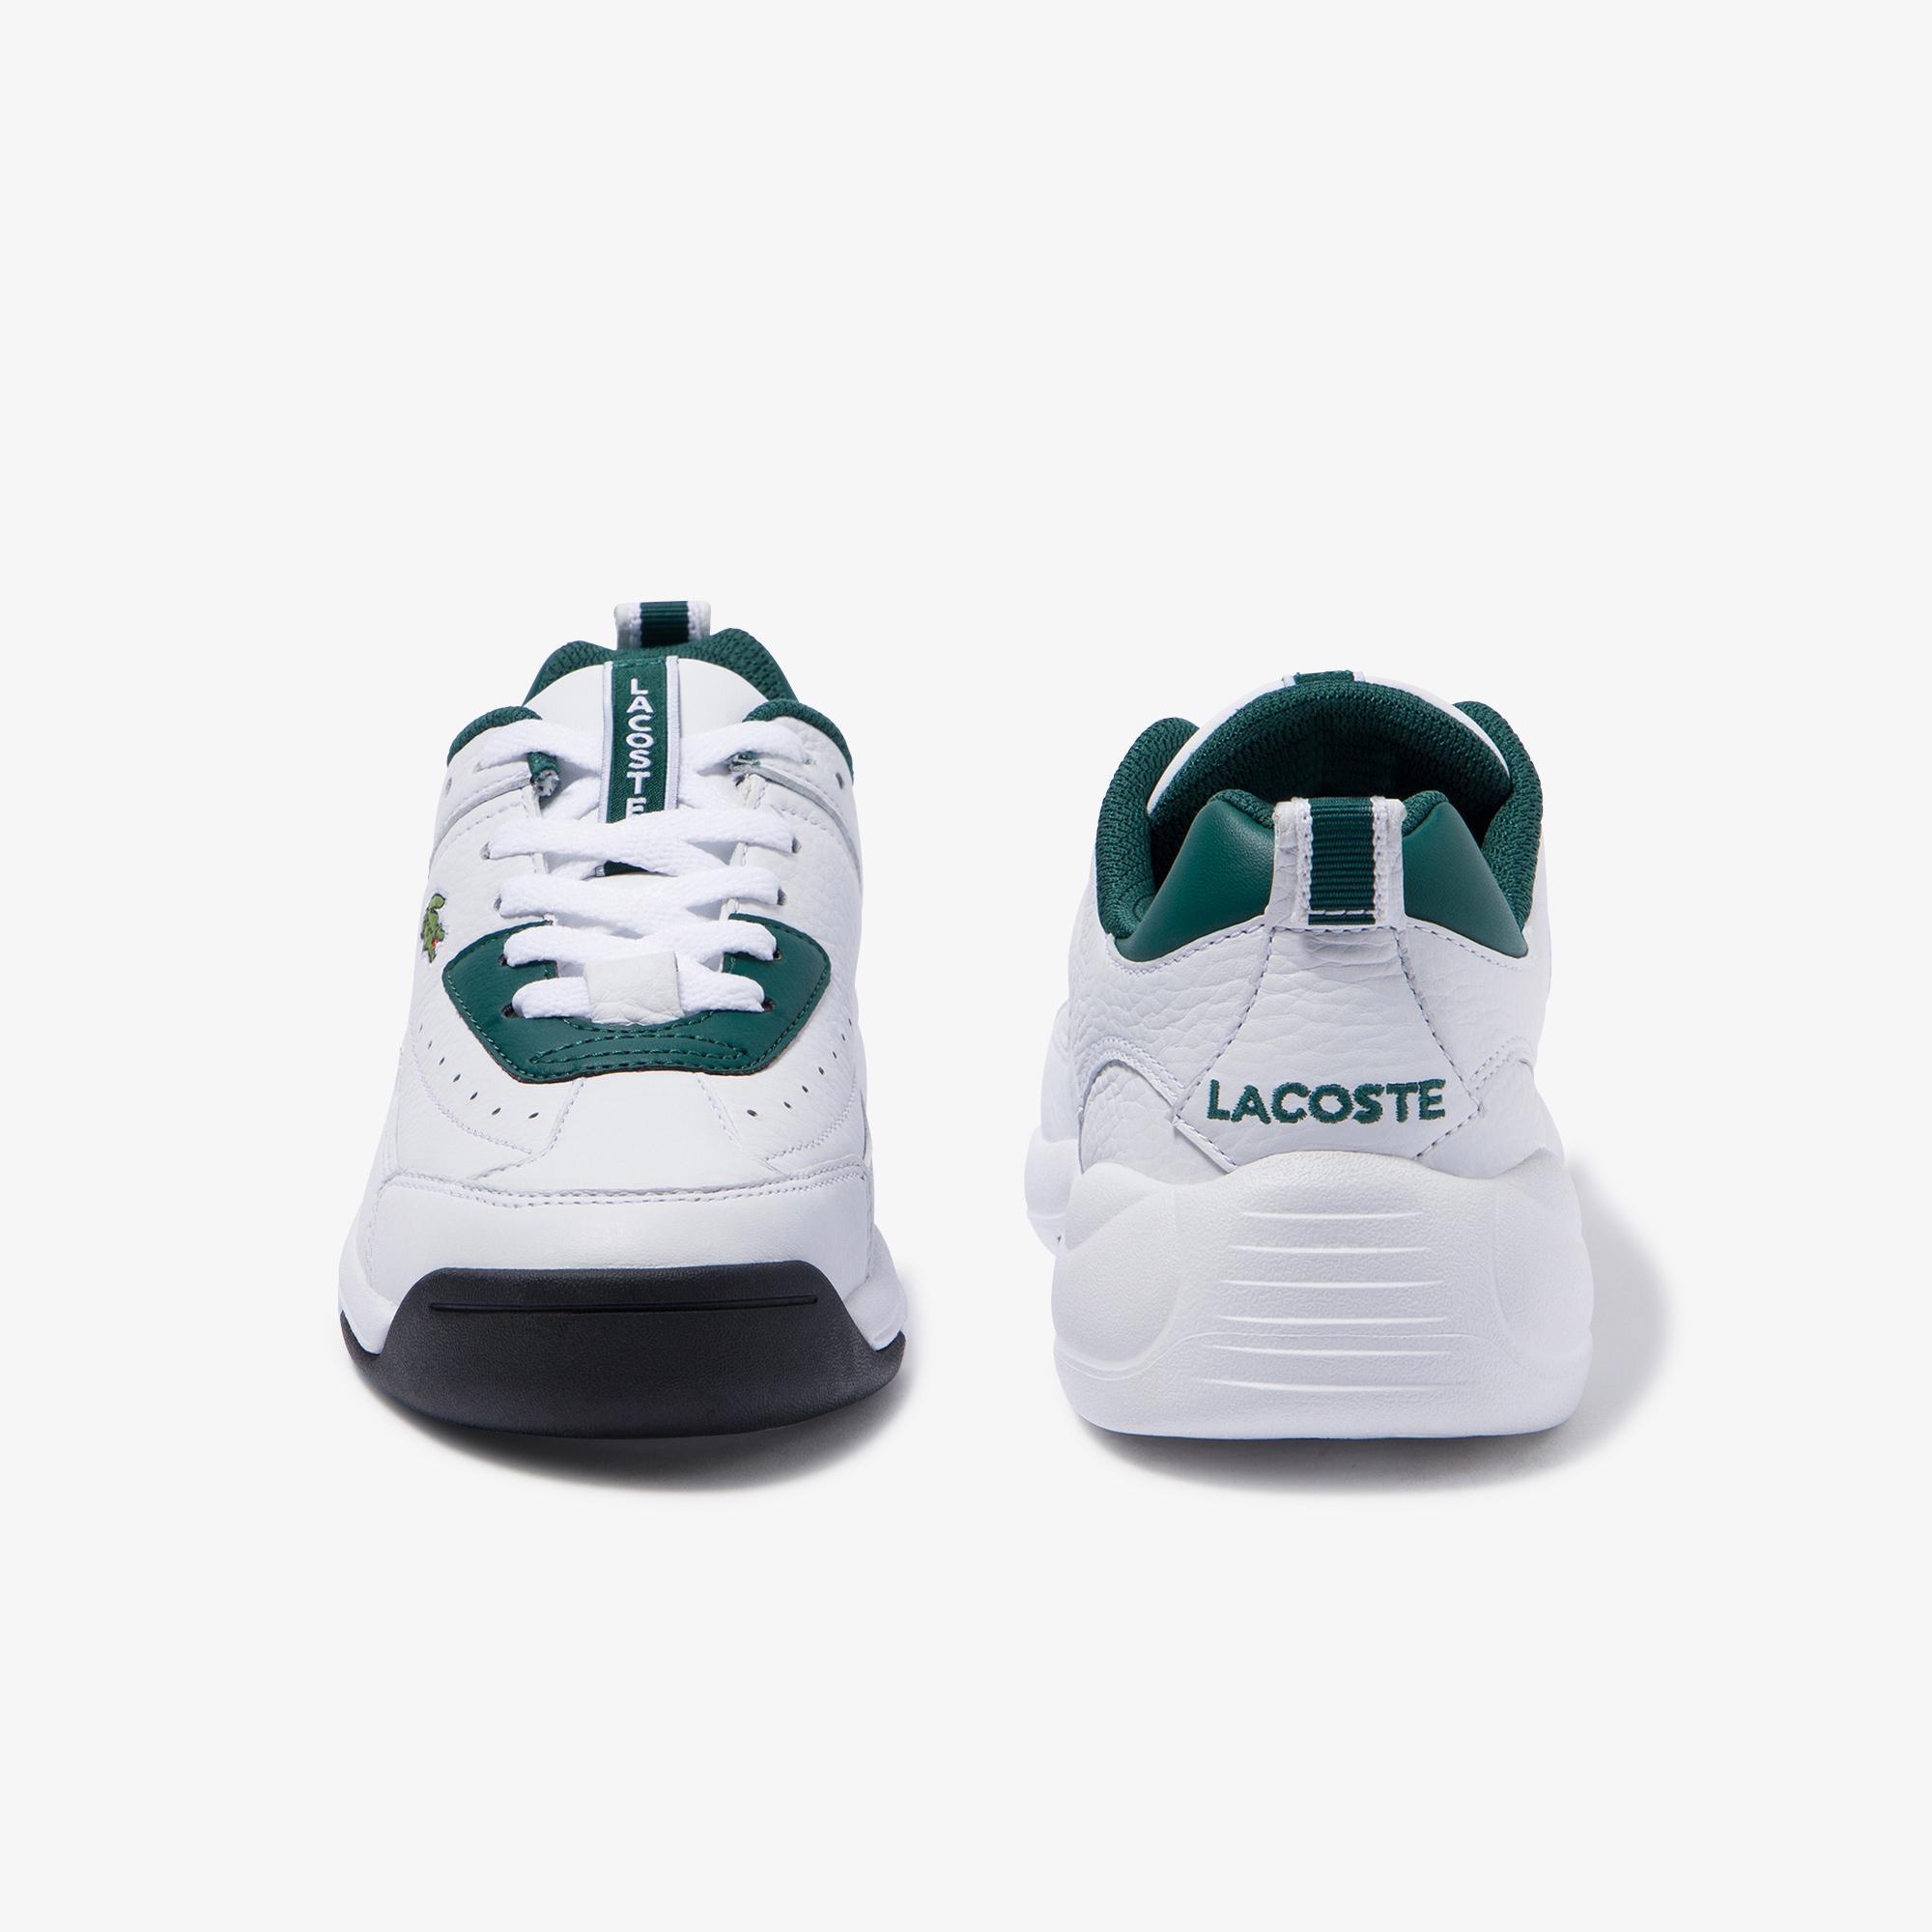 Lacoste V-Ultra Og 120 1 Sfa Kadın Koyu Yeşil - Beyaz Deri Sneaker